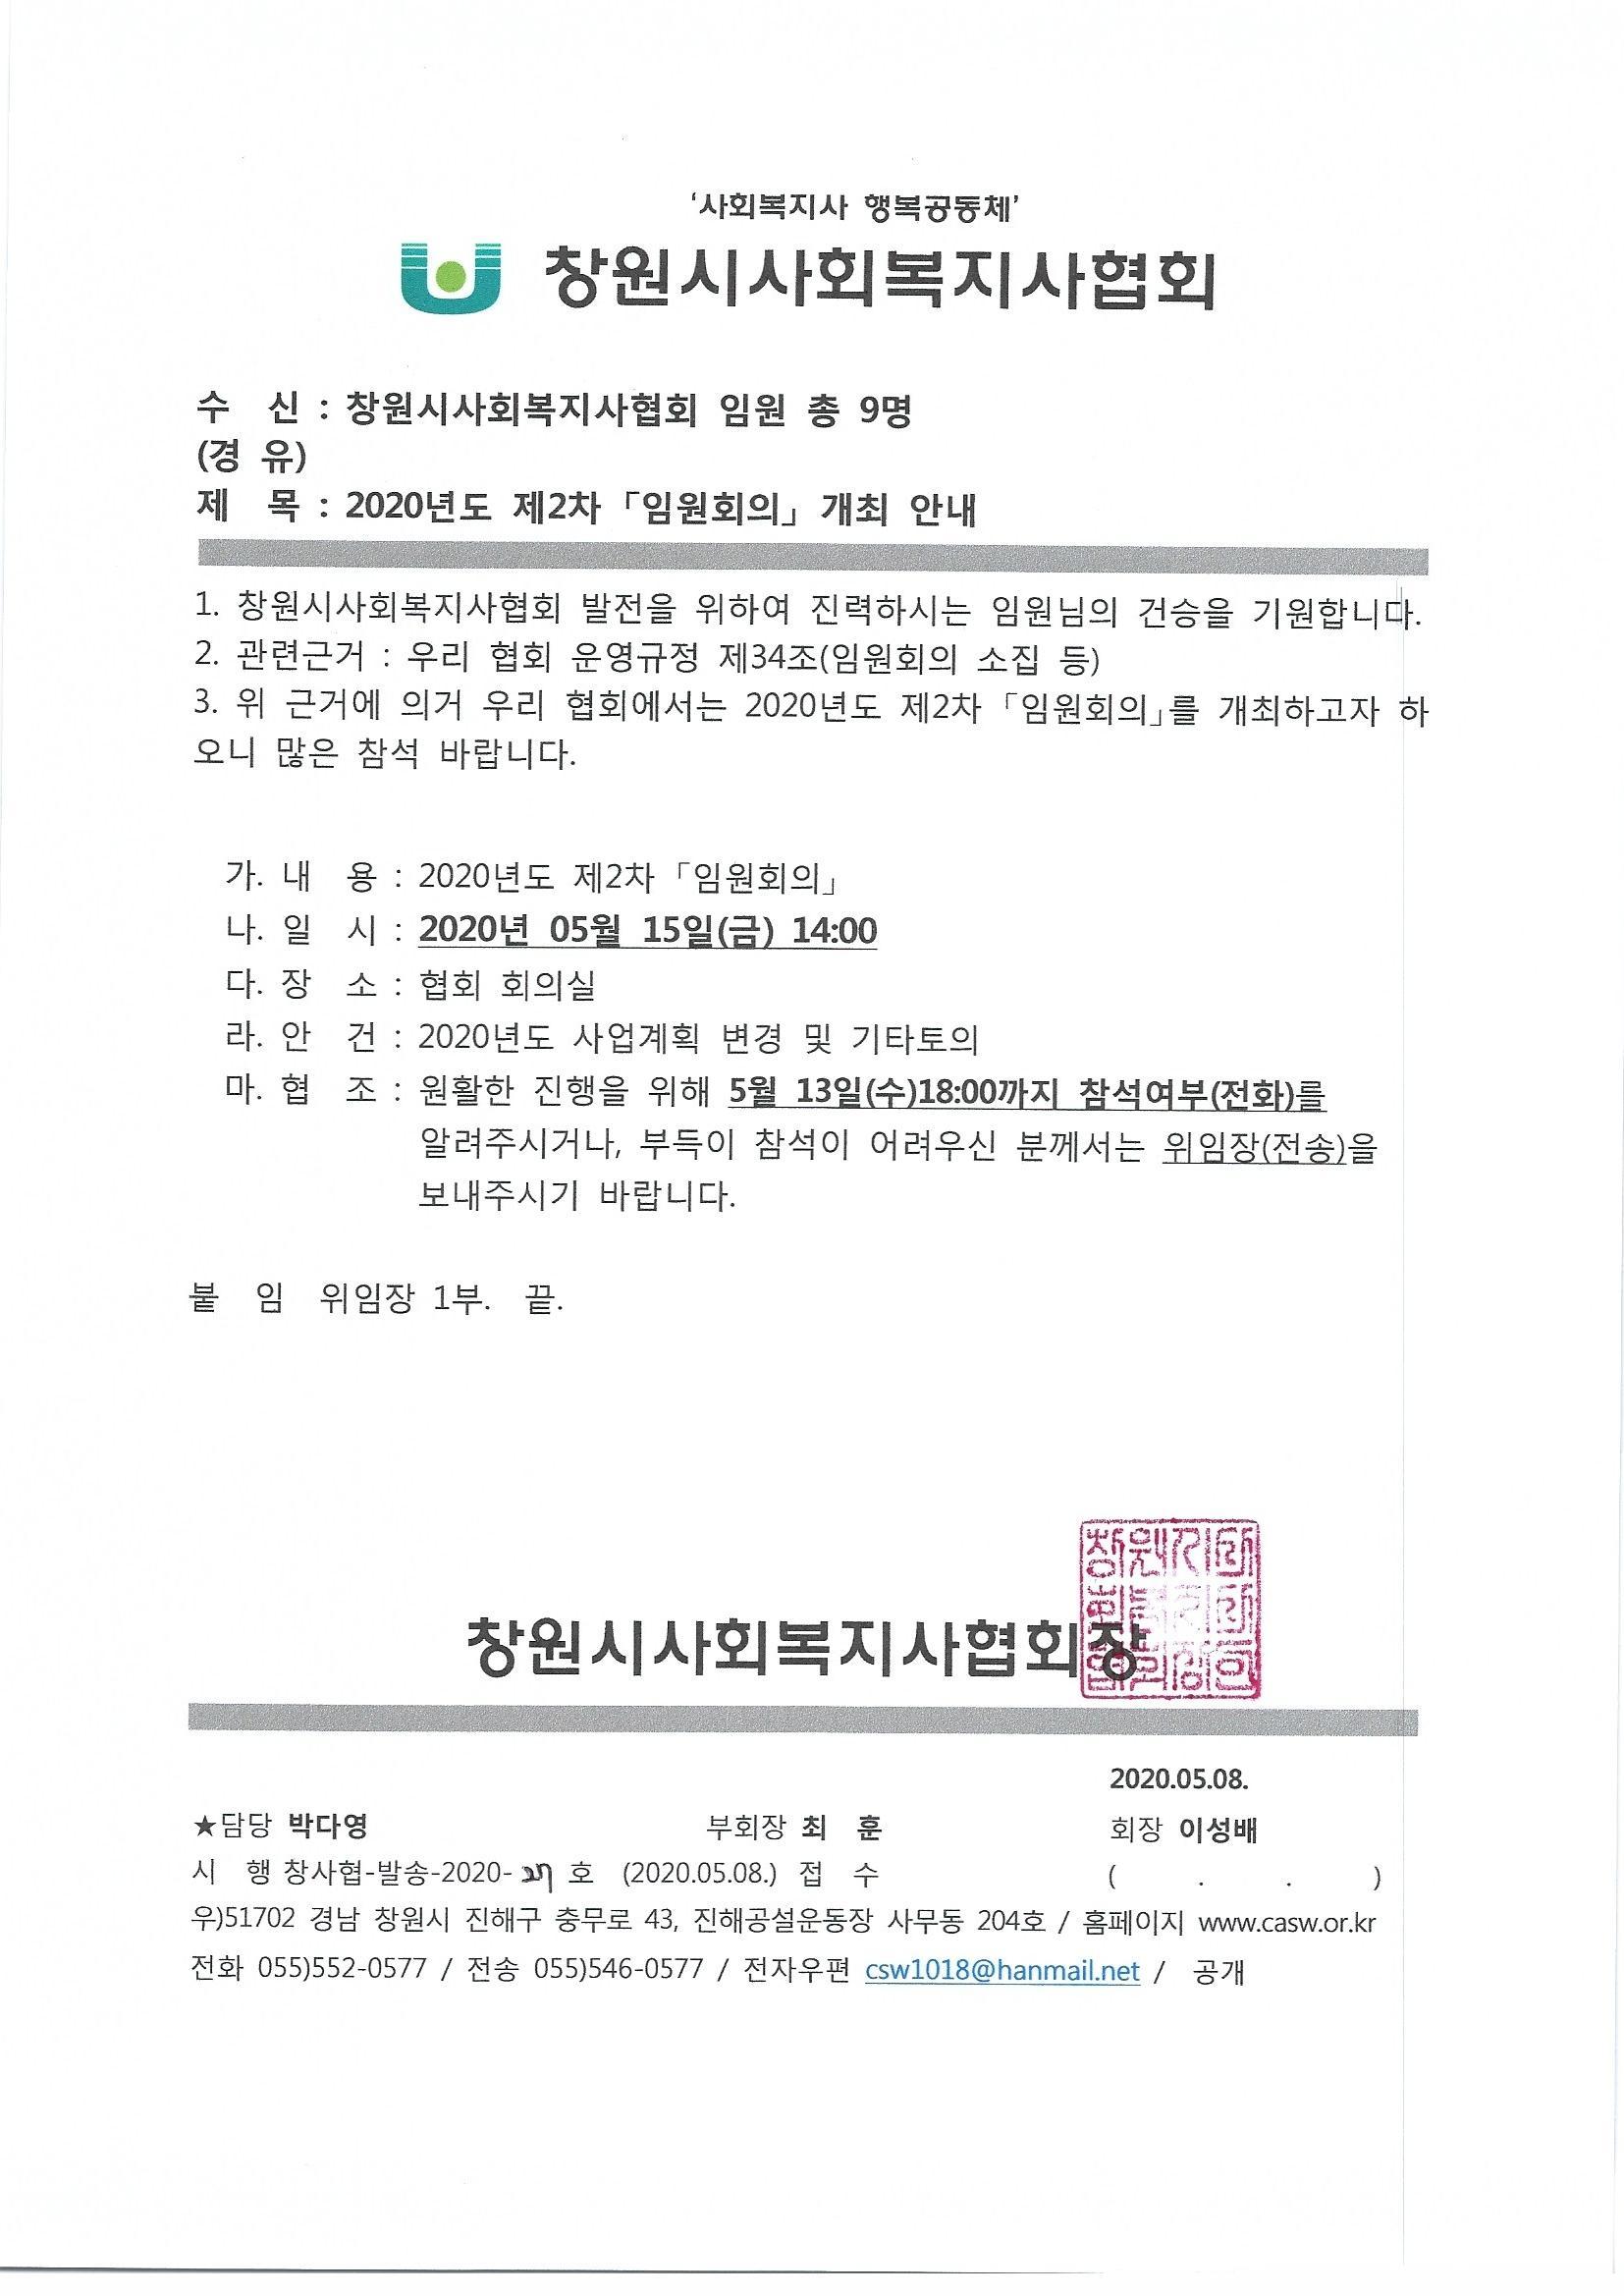 2020년도 제2차 임원회의 개최 안내.jpg